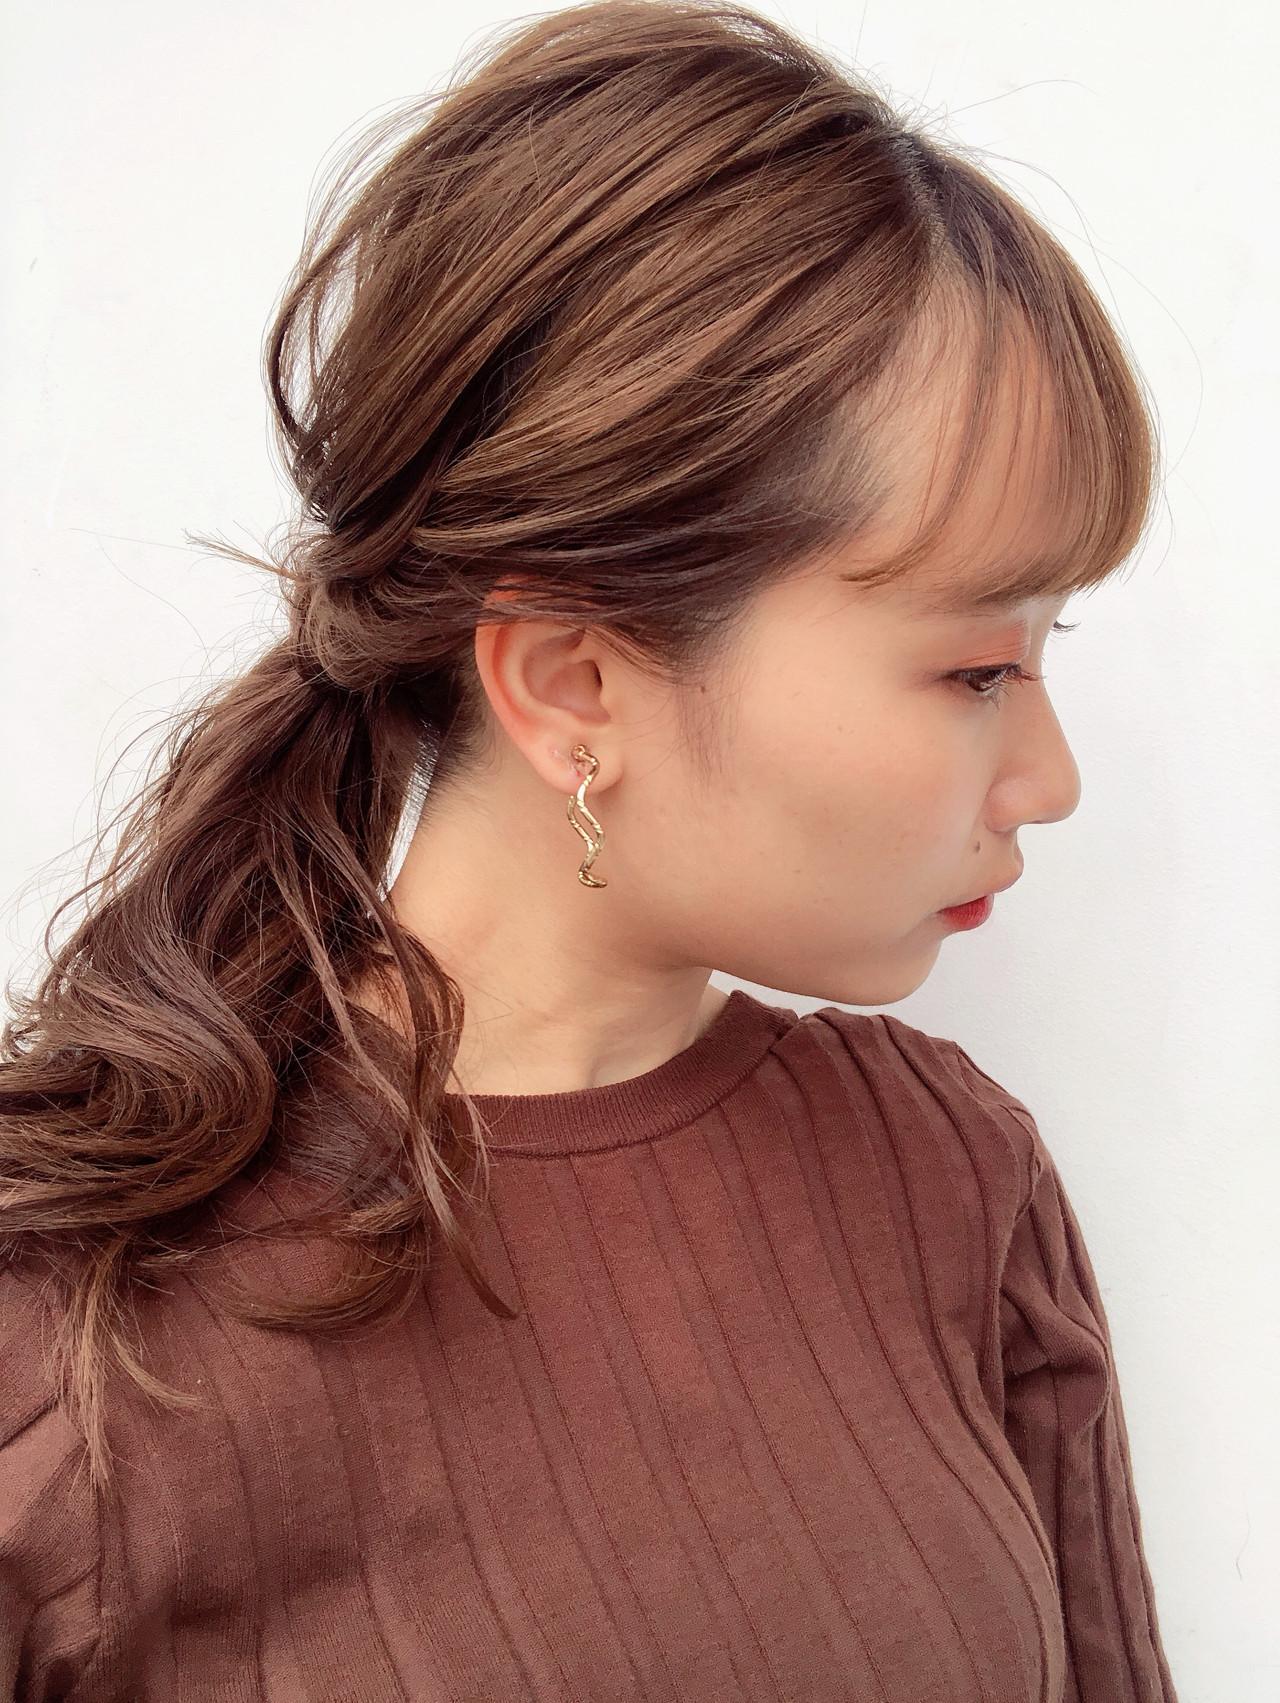 セルフヘアアレンジ オレンジブラウン フェミニン ローポニーテール ヘアスタイルや髪型の写真・画像